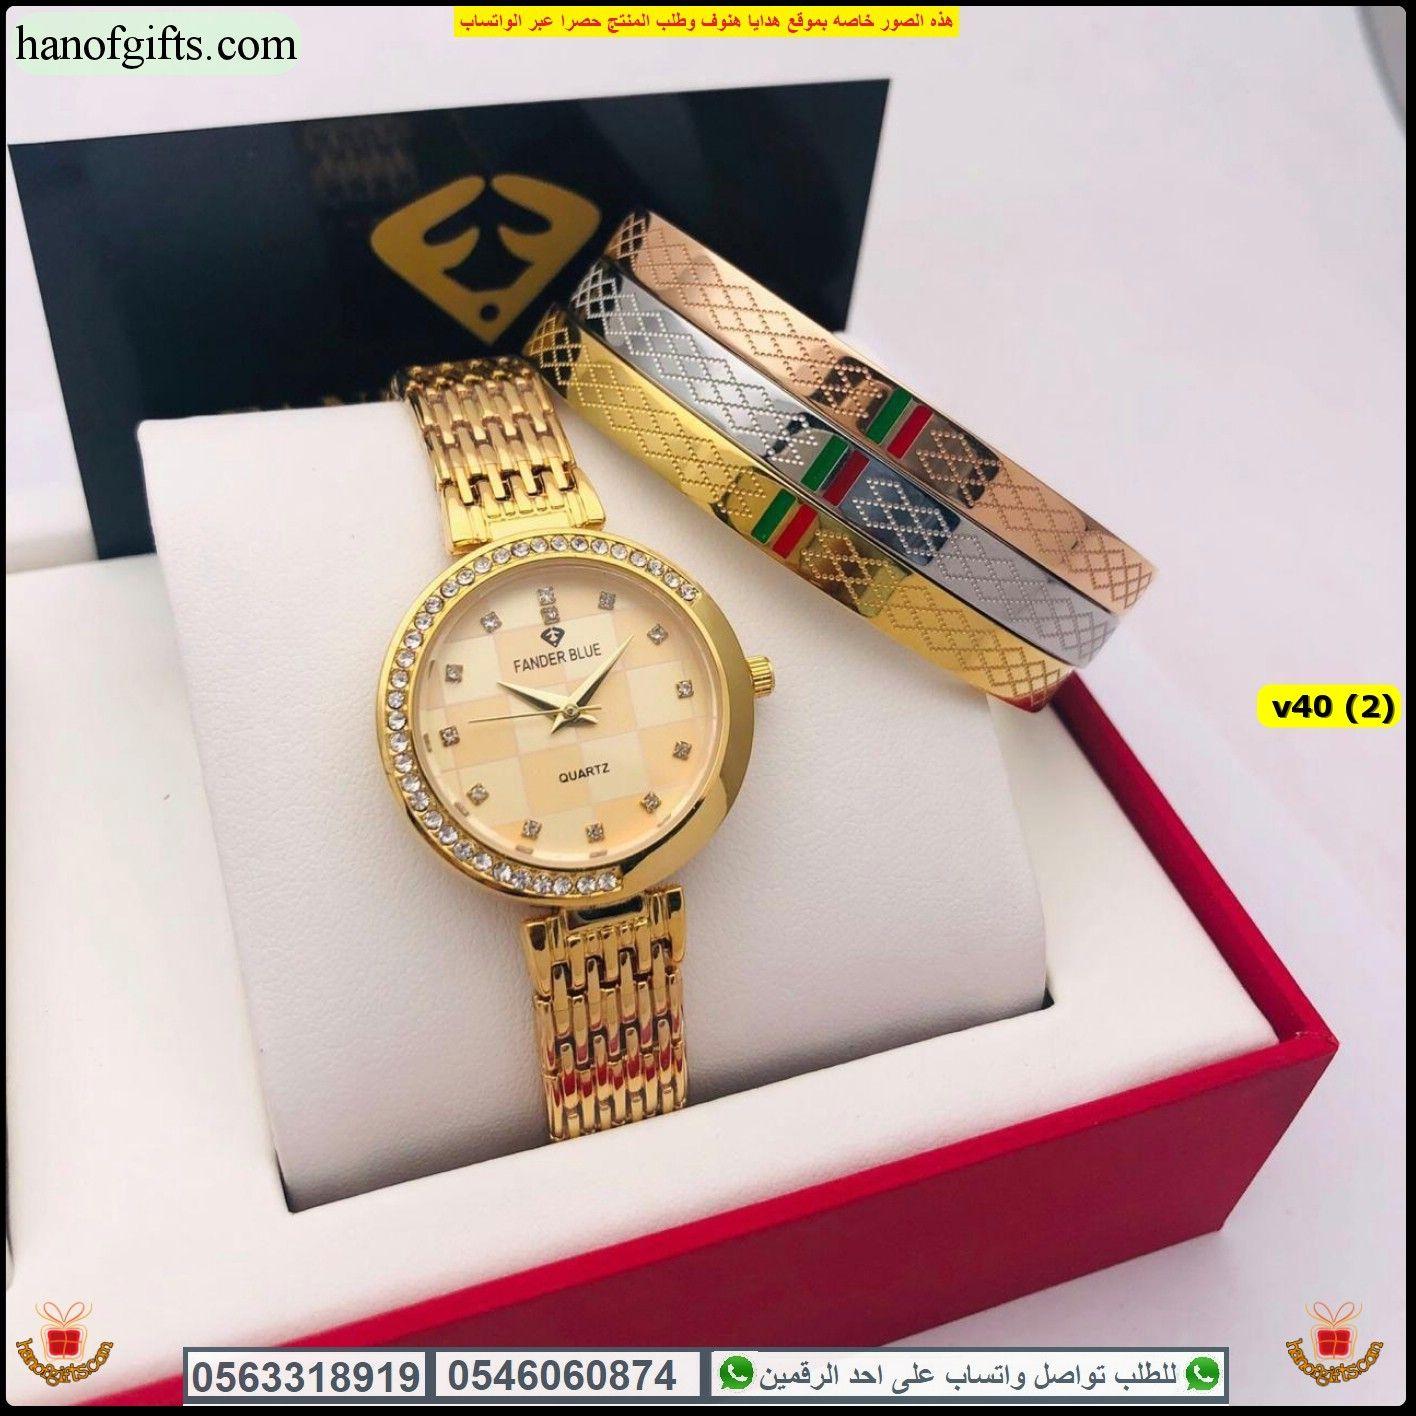 ماركة Fander Blue ساعات نسائية مميزة مع اساور استيل عدد 3 هدايا هنوف Bracelet Watch Watches Accessories